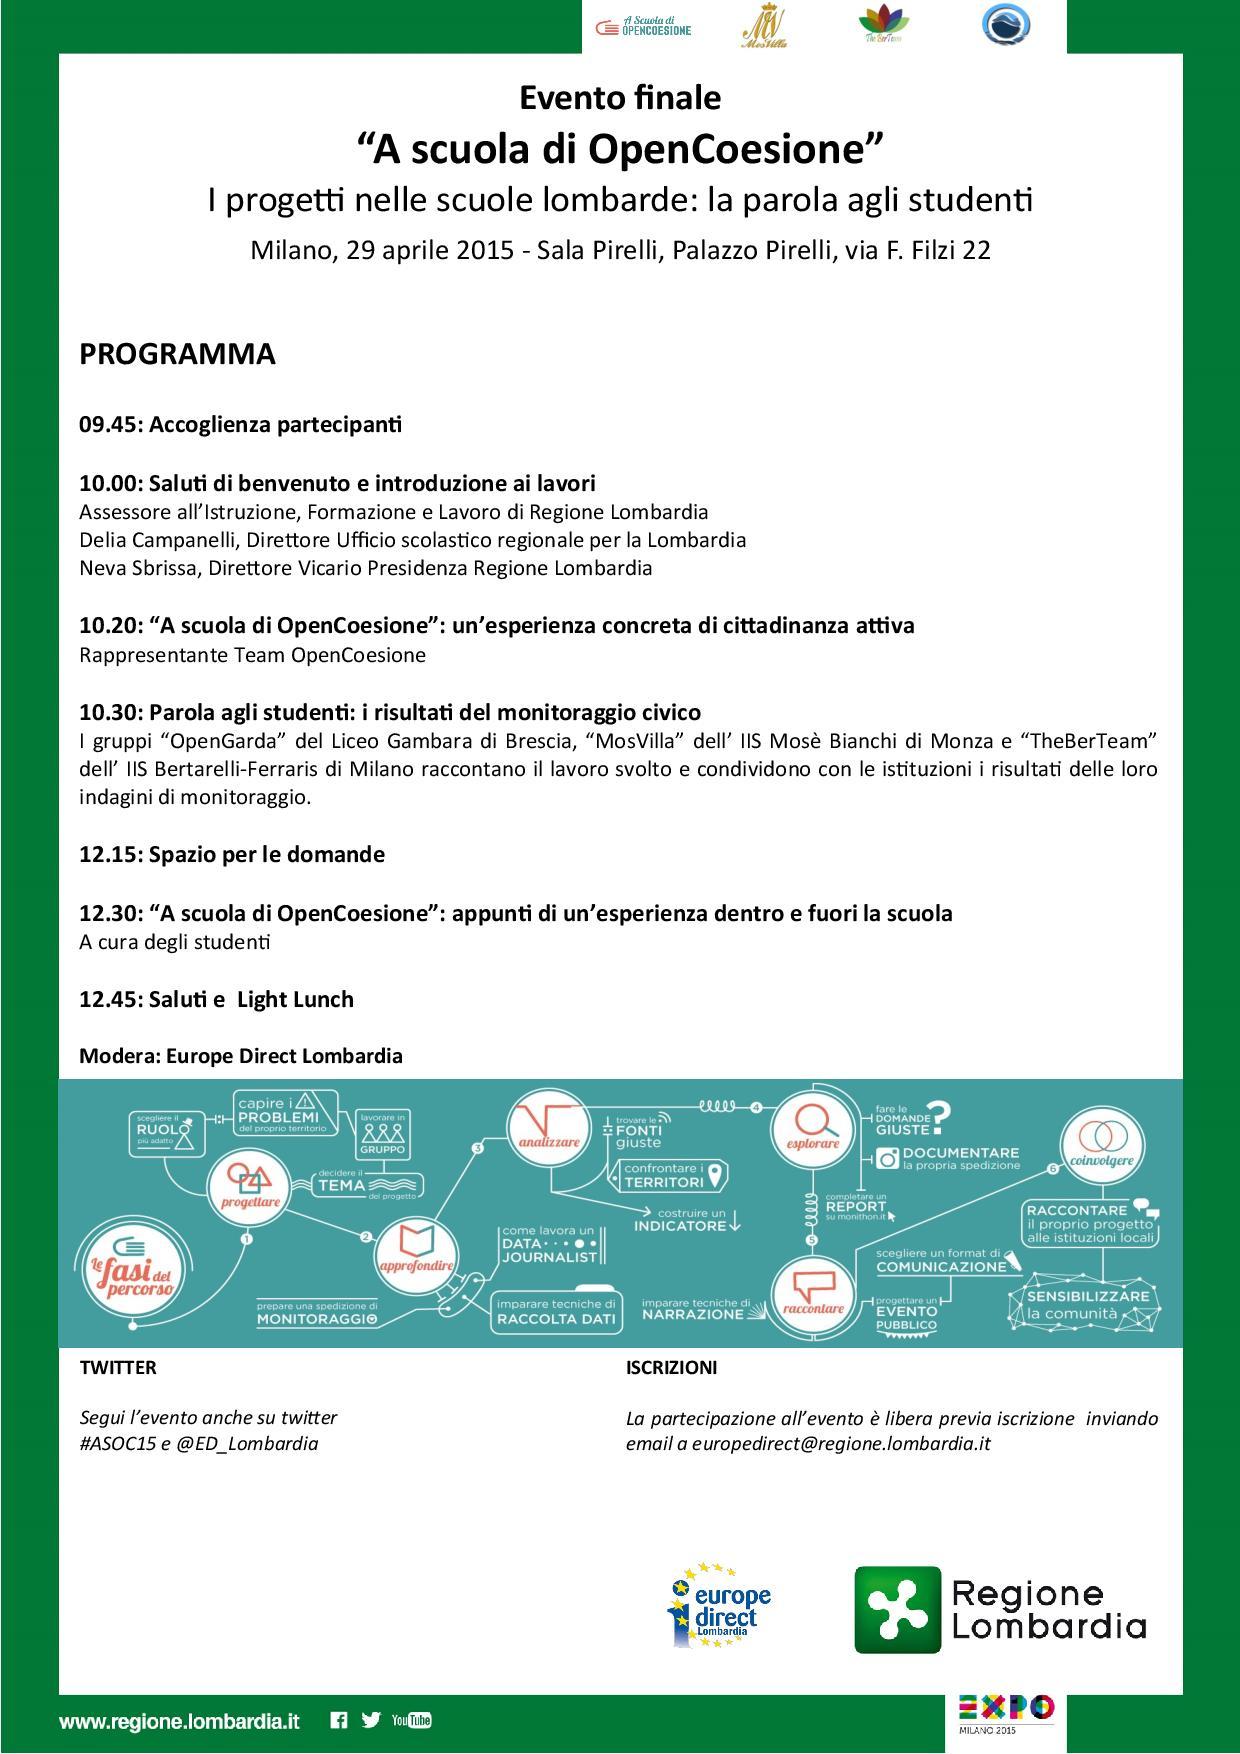 Milano OpenCoesione